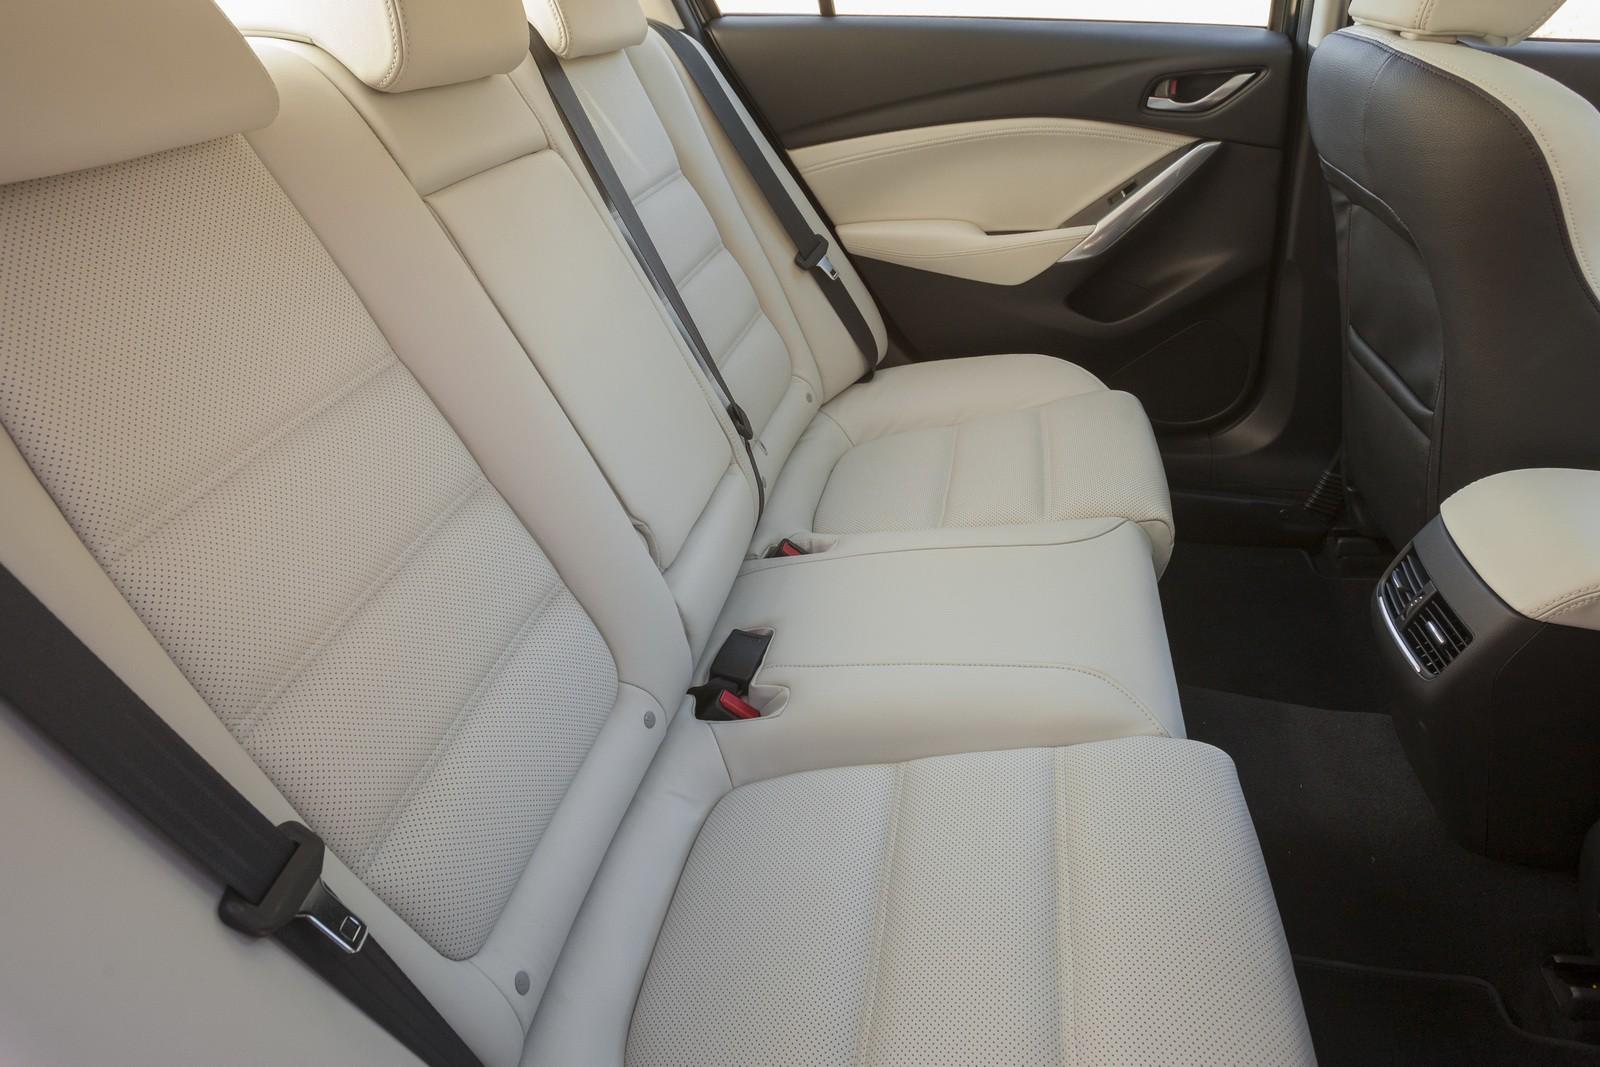 Ghế được làm từ vật liệu cao cấp, mang đến sự thoải mái cho khách hàng